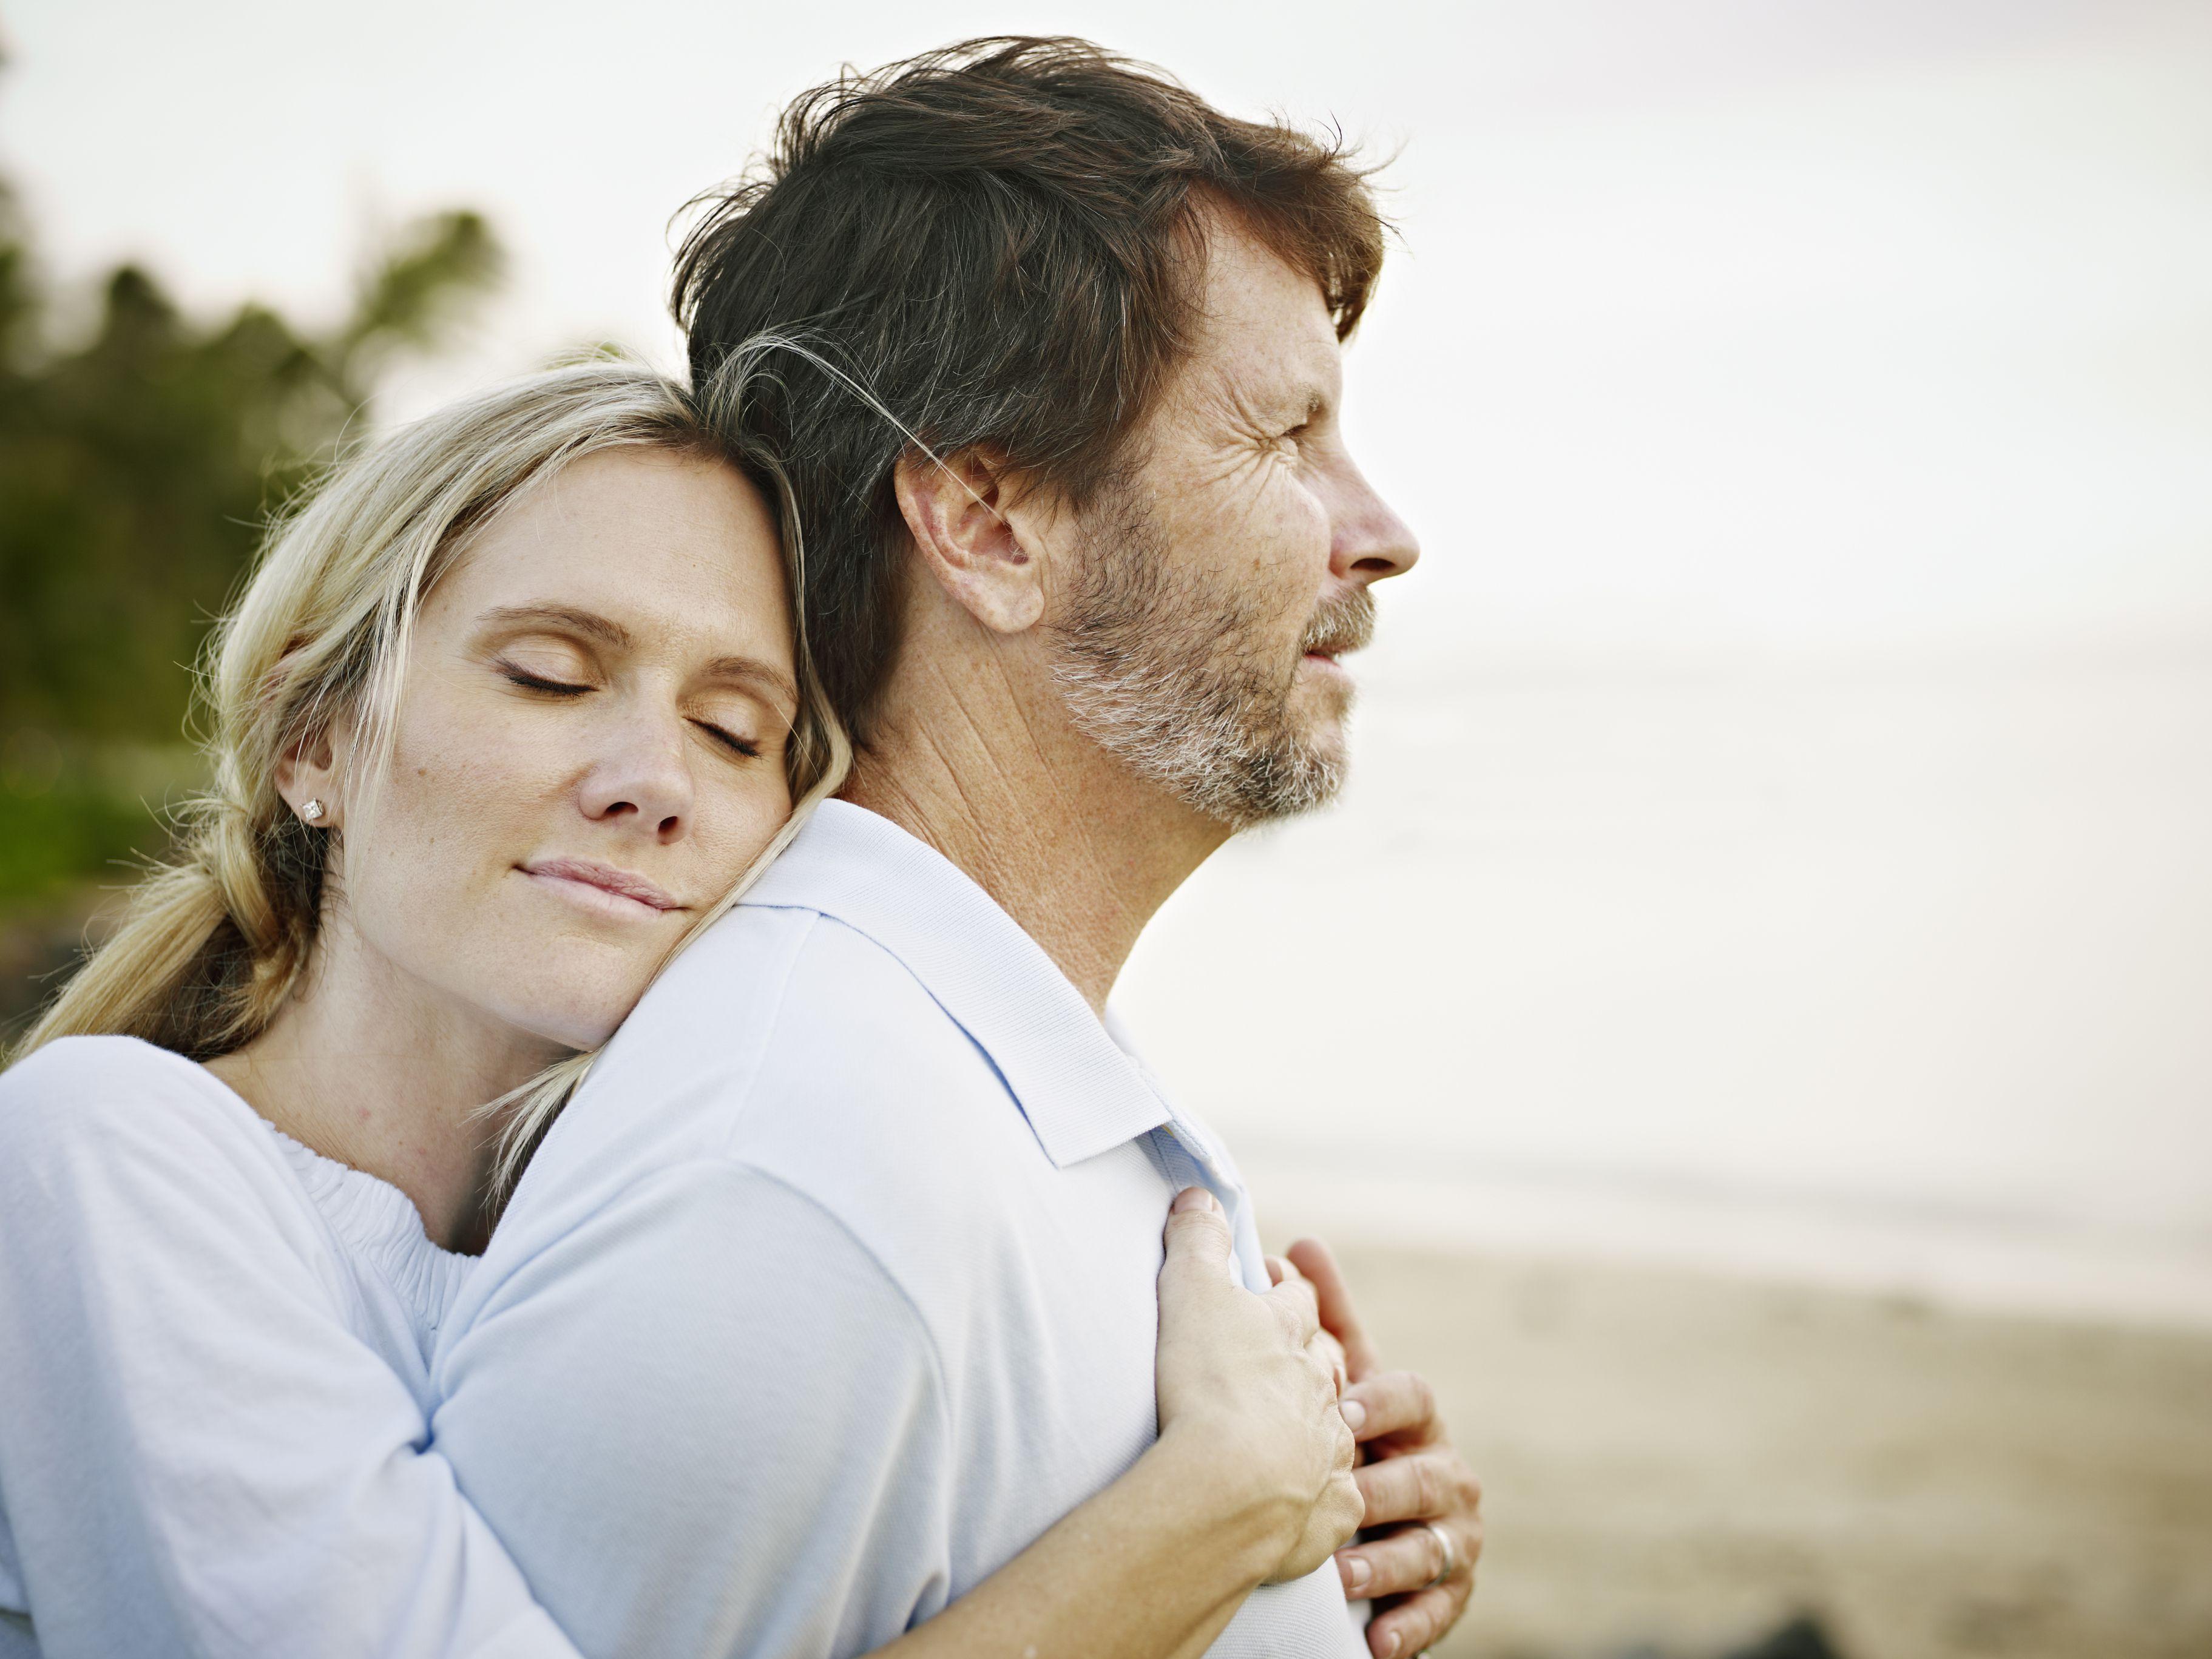 كيف يجب أن تكون علاقة الزوجة بأخوات الزوج و زوجات إخوته